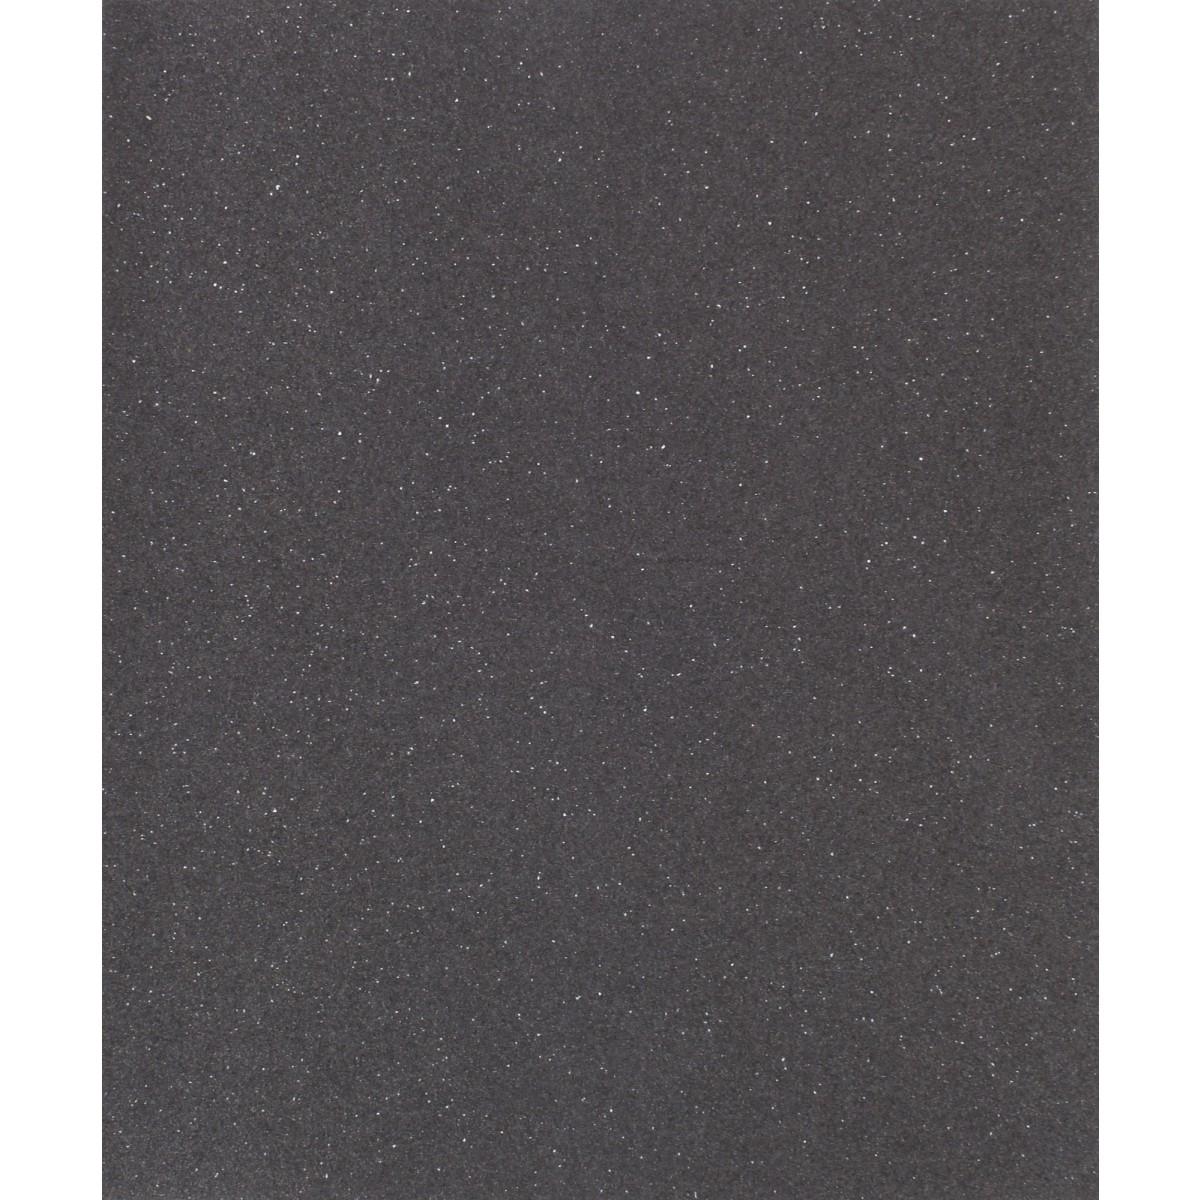 Papier imperméable 230 x 280 mm SCID - Grain 80 - Vendu par 1